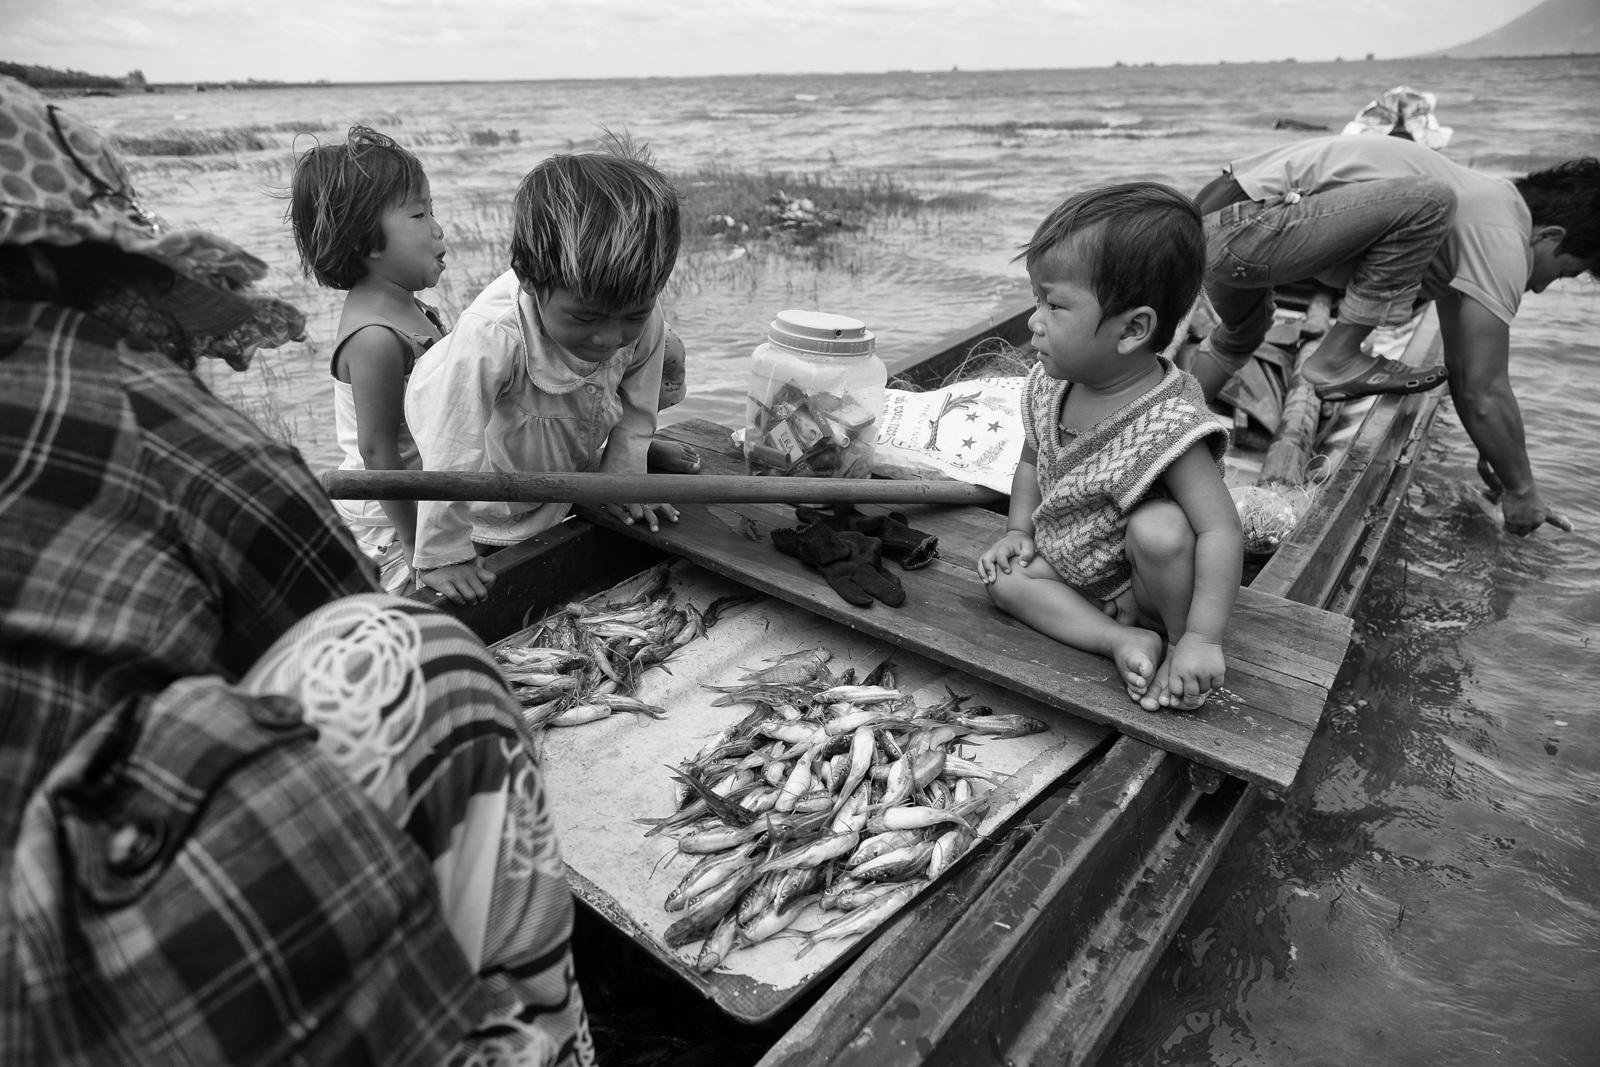 Rất nhiều Việt kiều hồi hương để đánh bắt cá trong hồ Dầu Tiếng khiến nghề này ngày càng thất thu